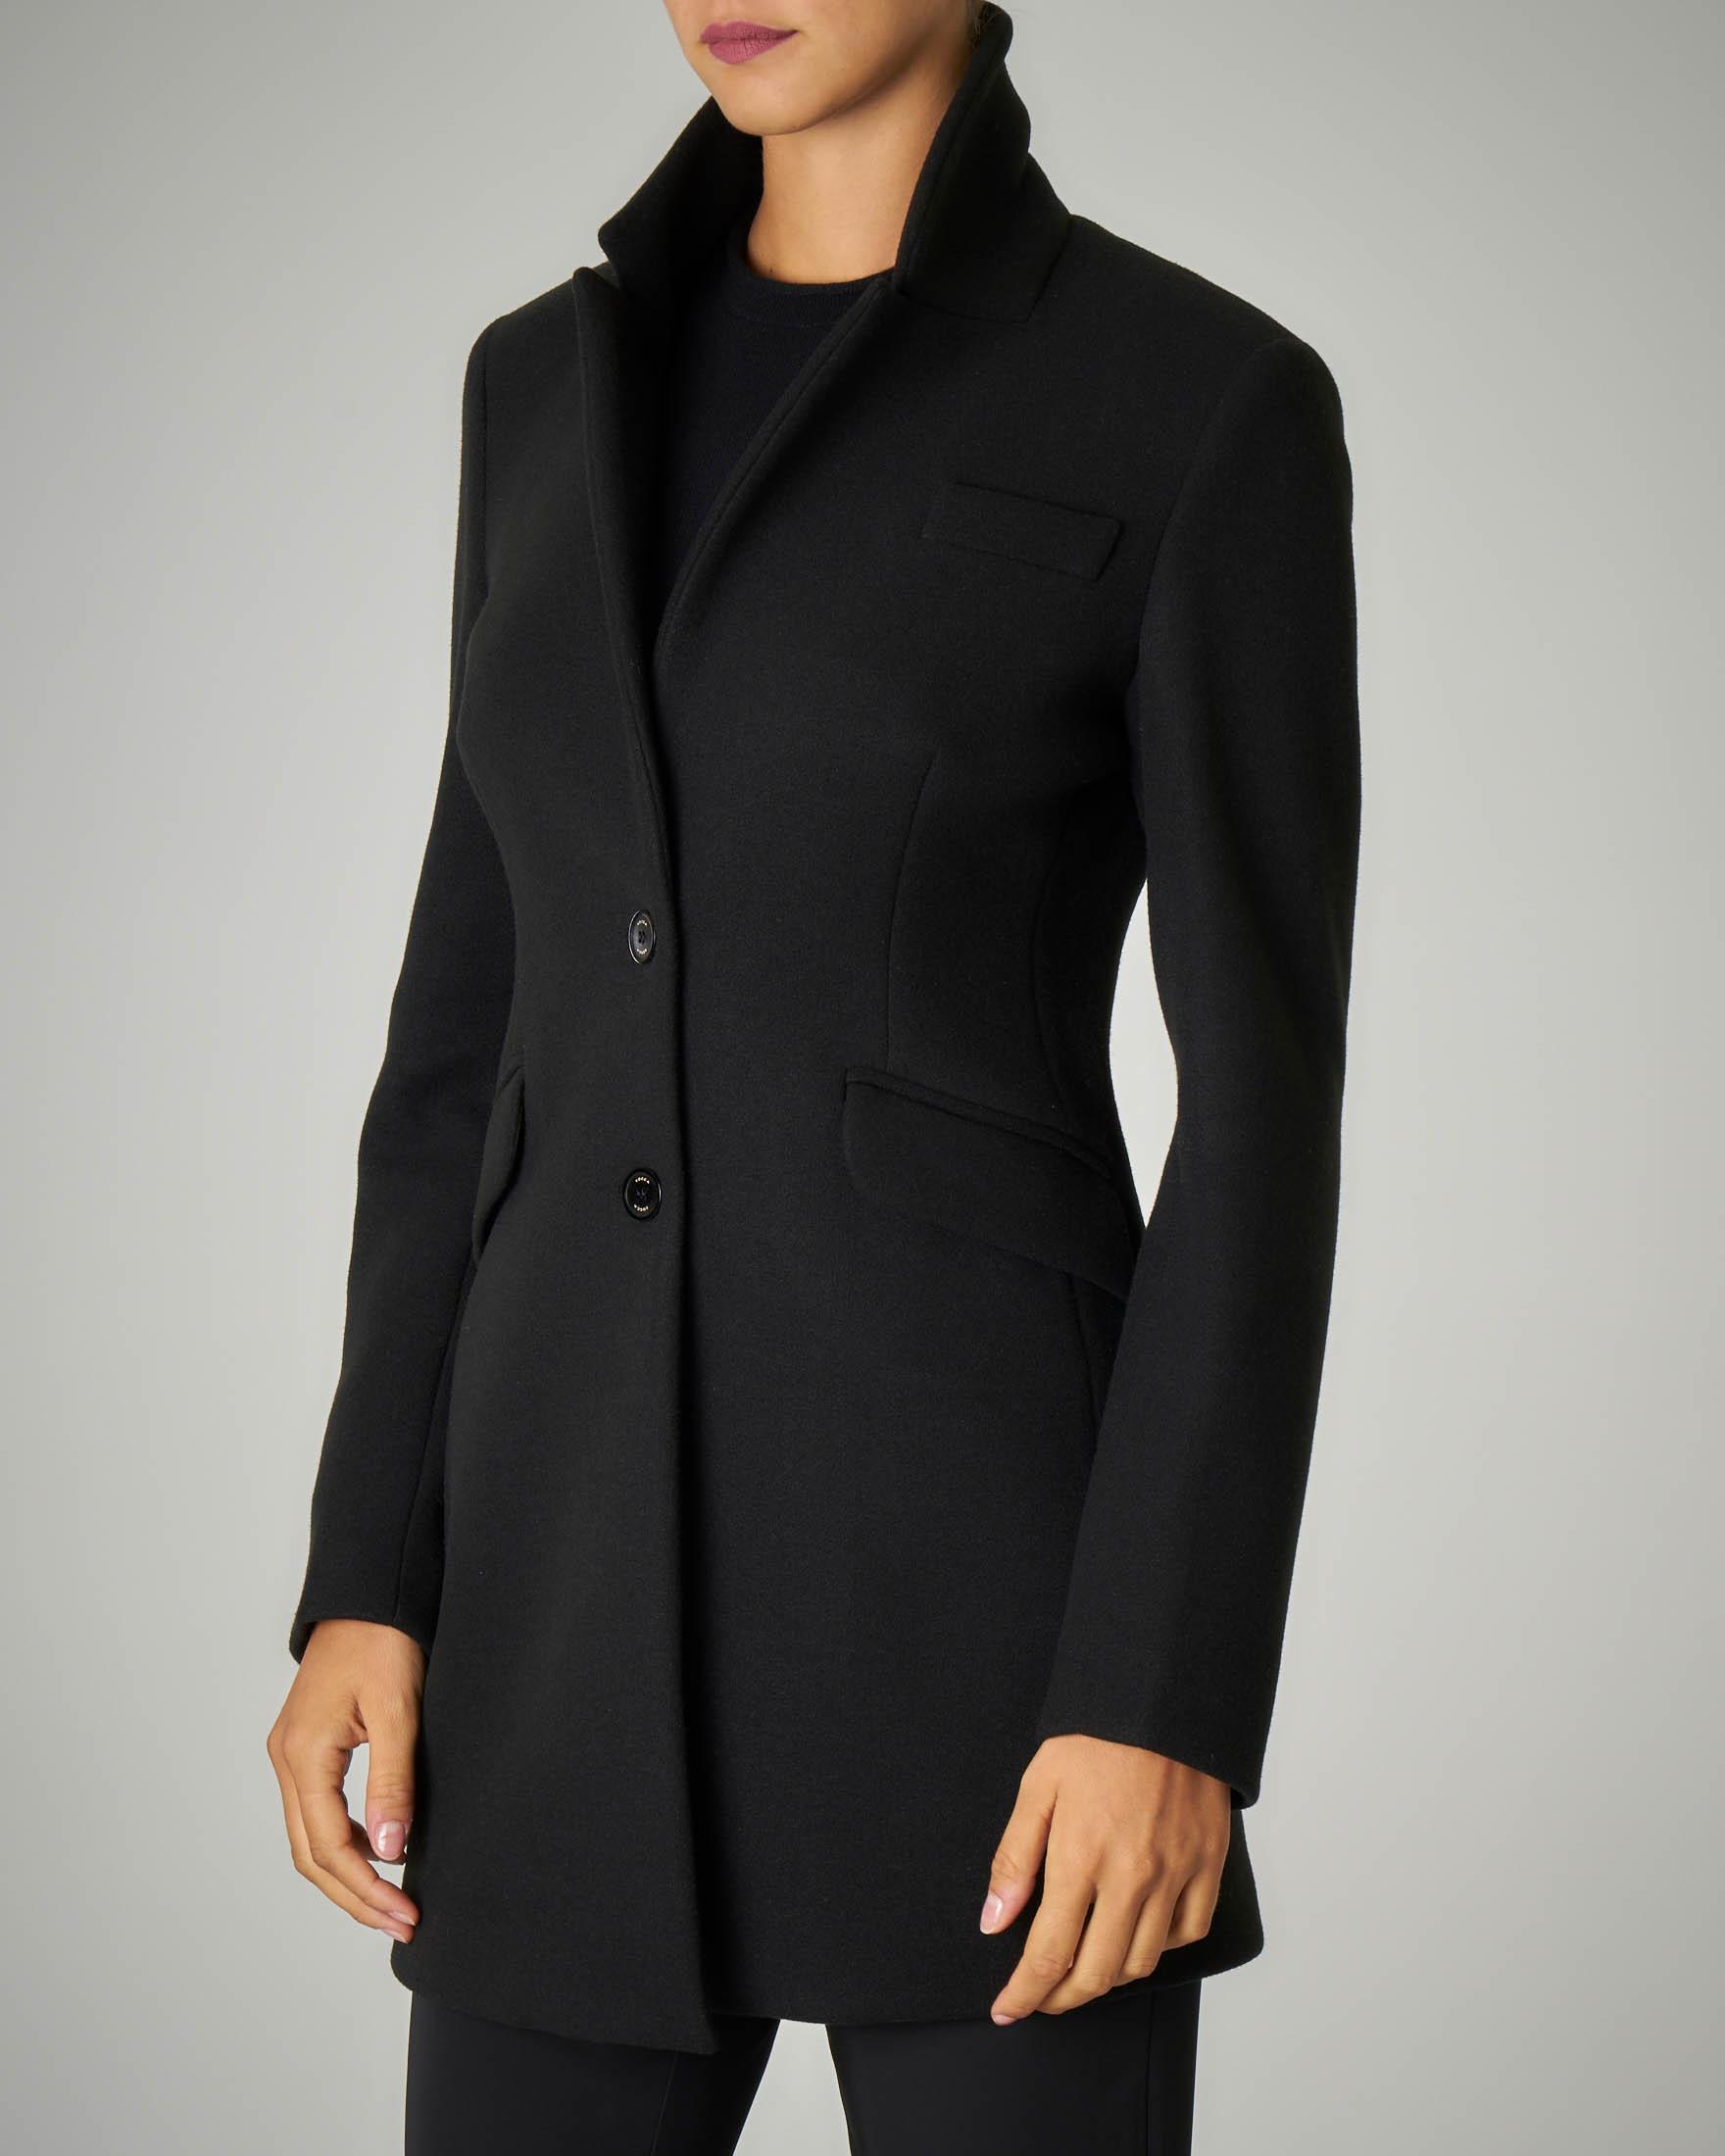 Cappotto nero doppiopetto con cintura in vita e falda sulla schiena 10 16 anni | Pellizzari E commerce